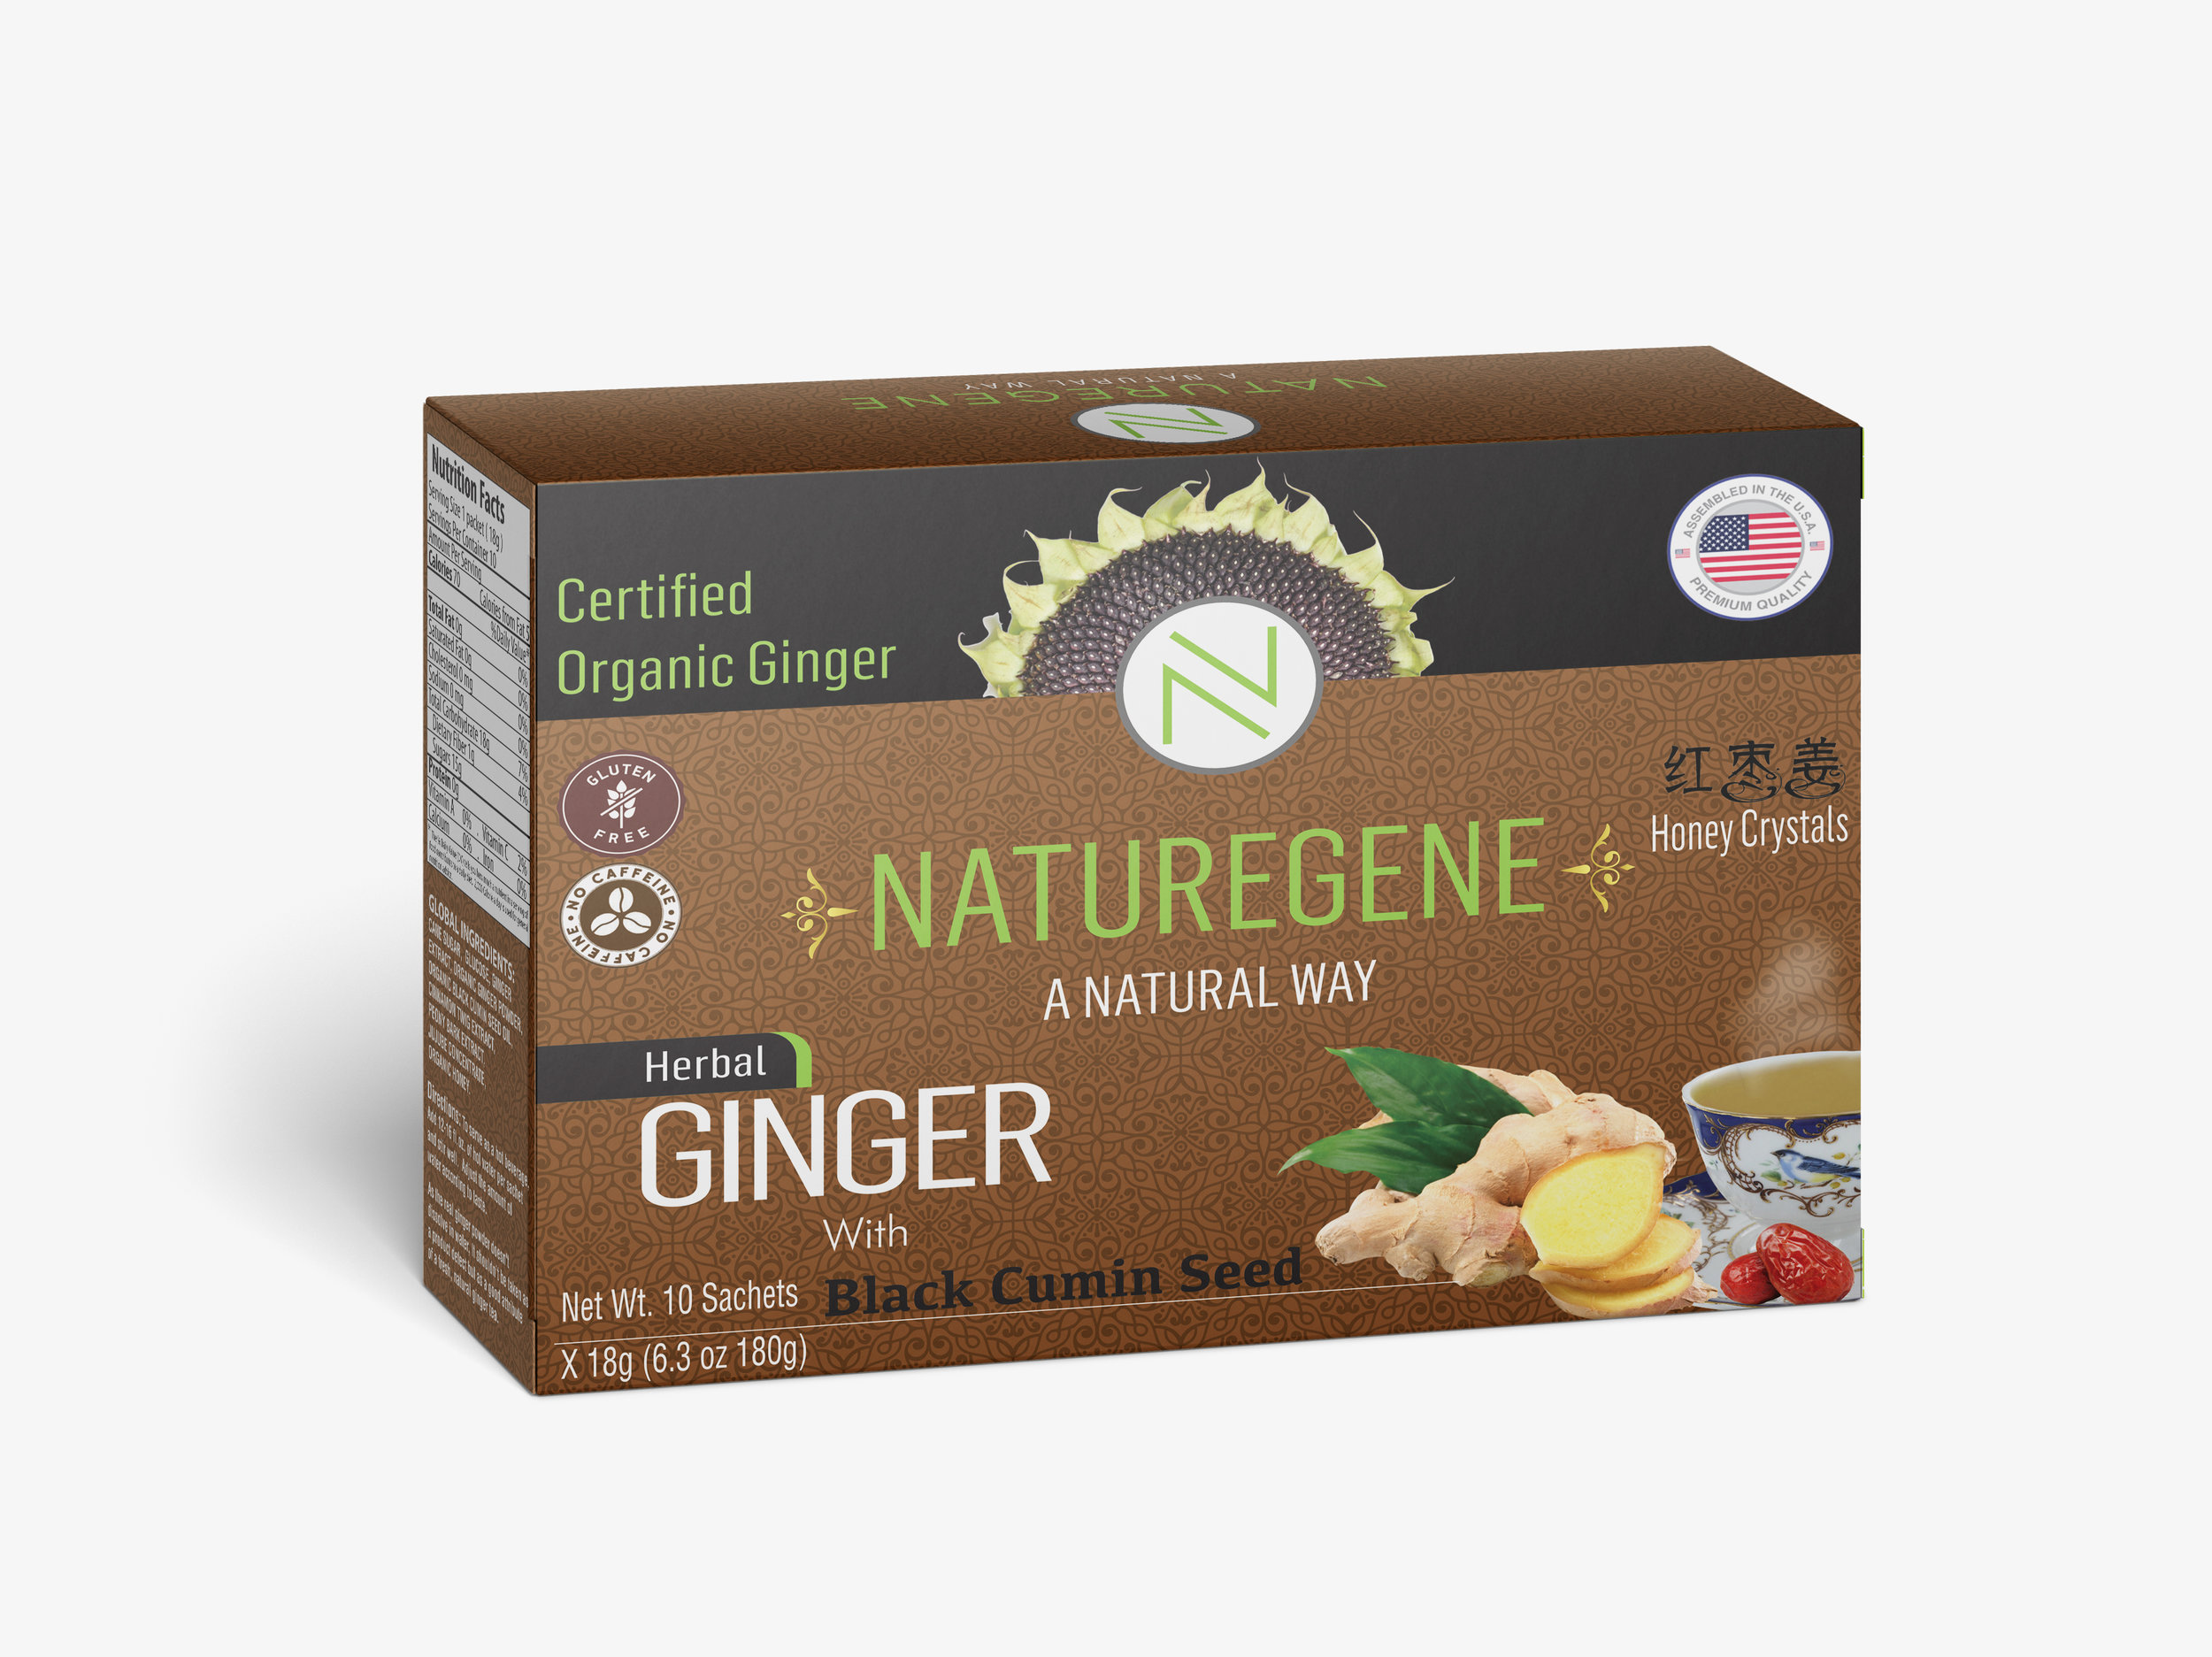 NatureGene Ginger Honey Crystal  - With Black Cumin Seed 6 oz